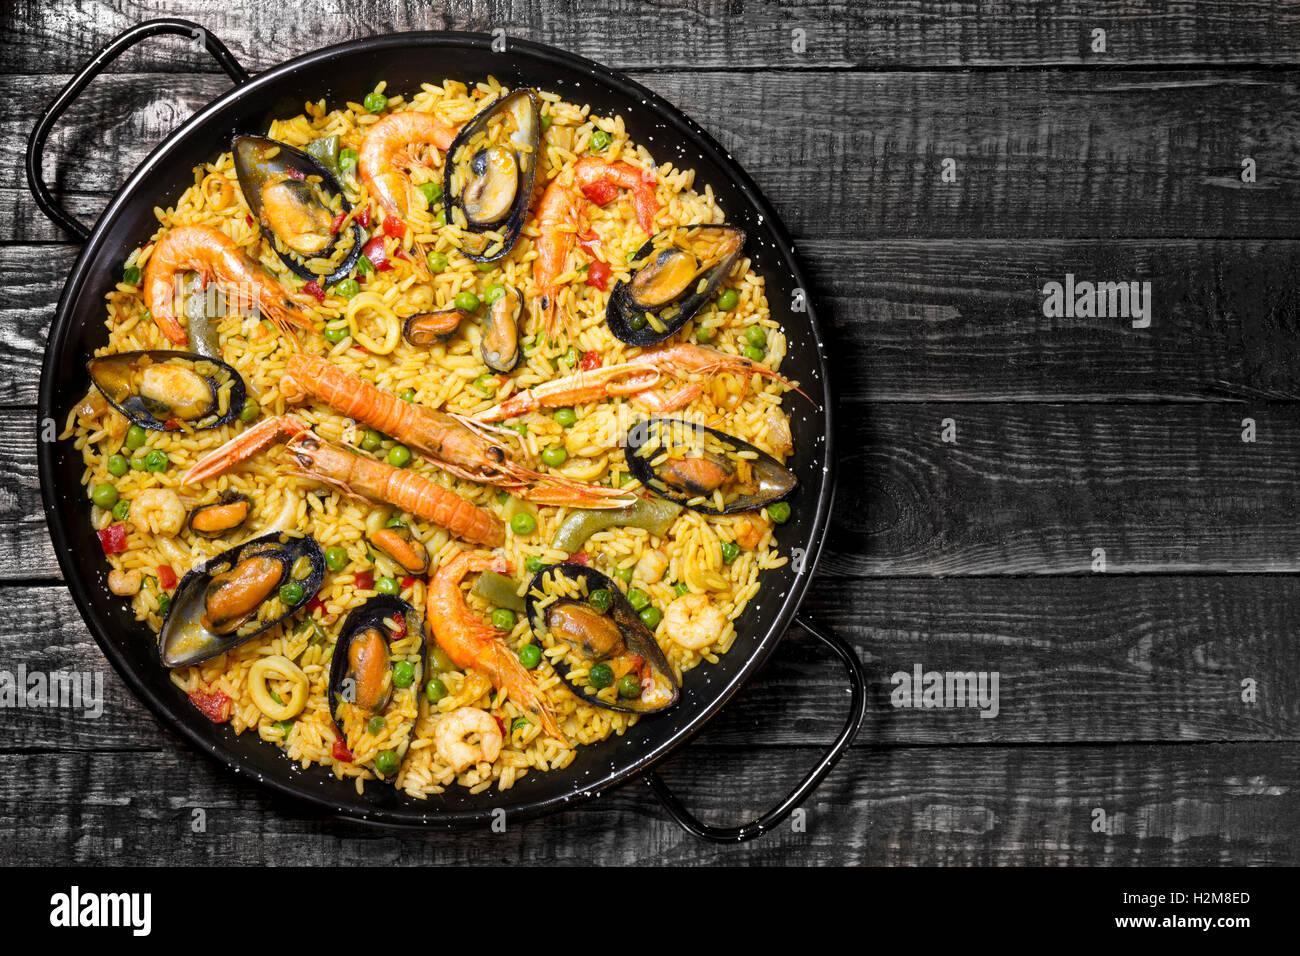 La Paella espagnole sur une table en bois foncé avec copie espace sur la droite Photo Stock